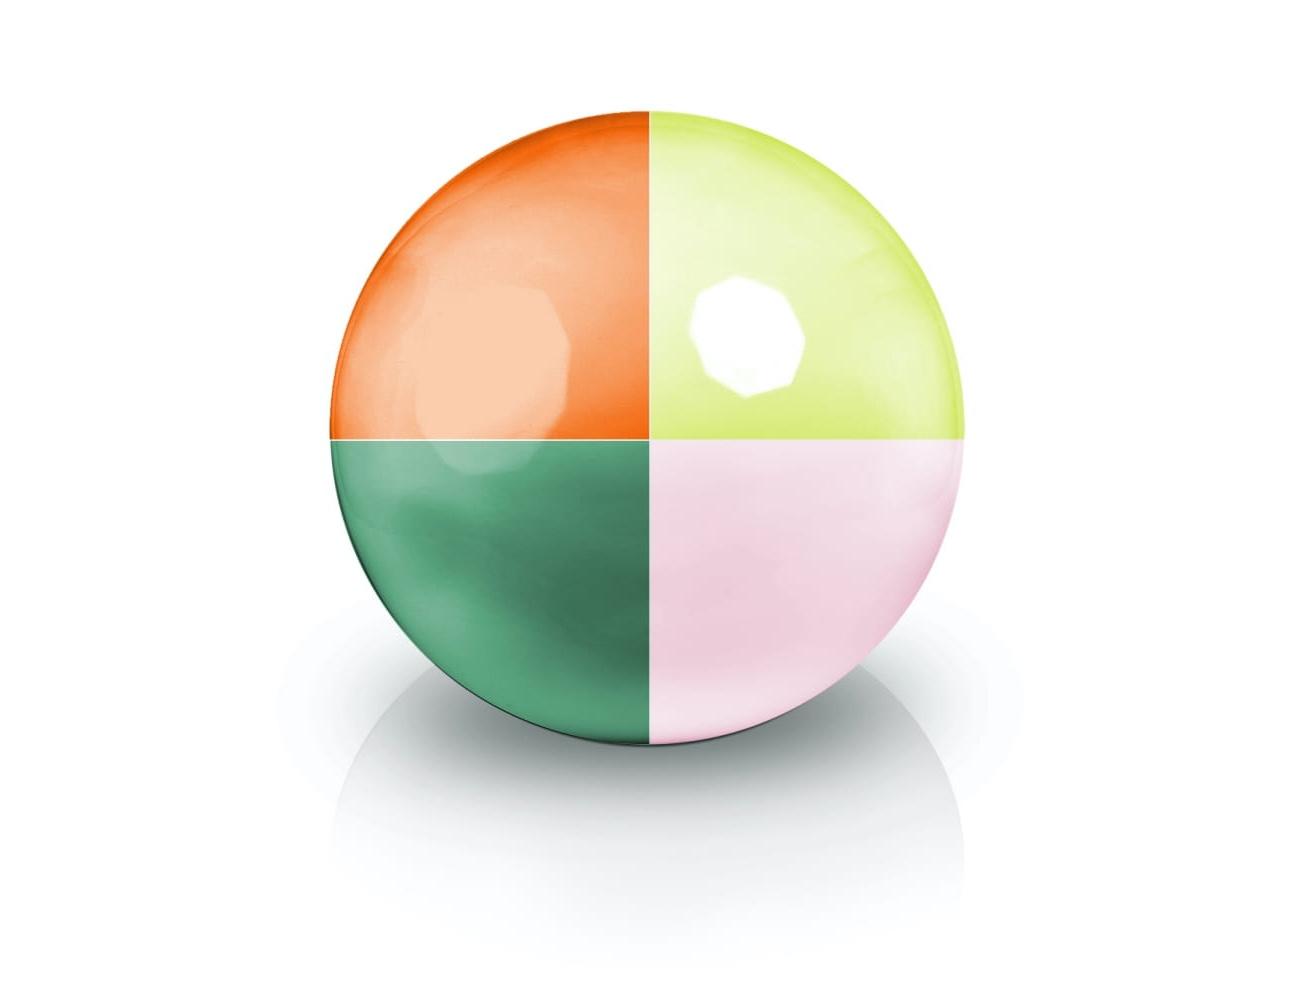 Ekskluzywna kula dekoracyjna 40x40 cm kolor na zamówienie